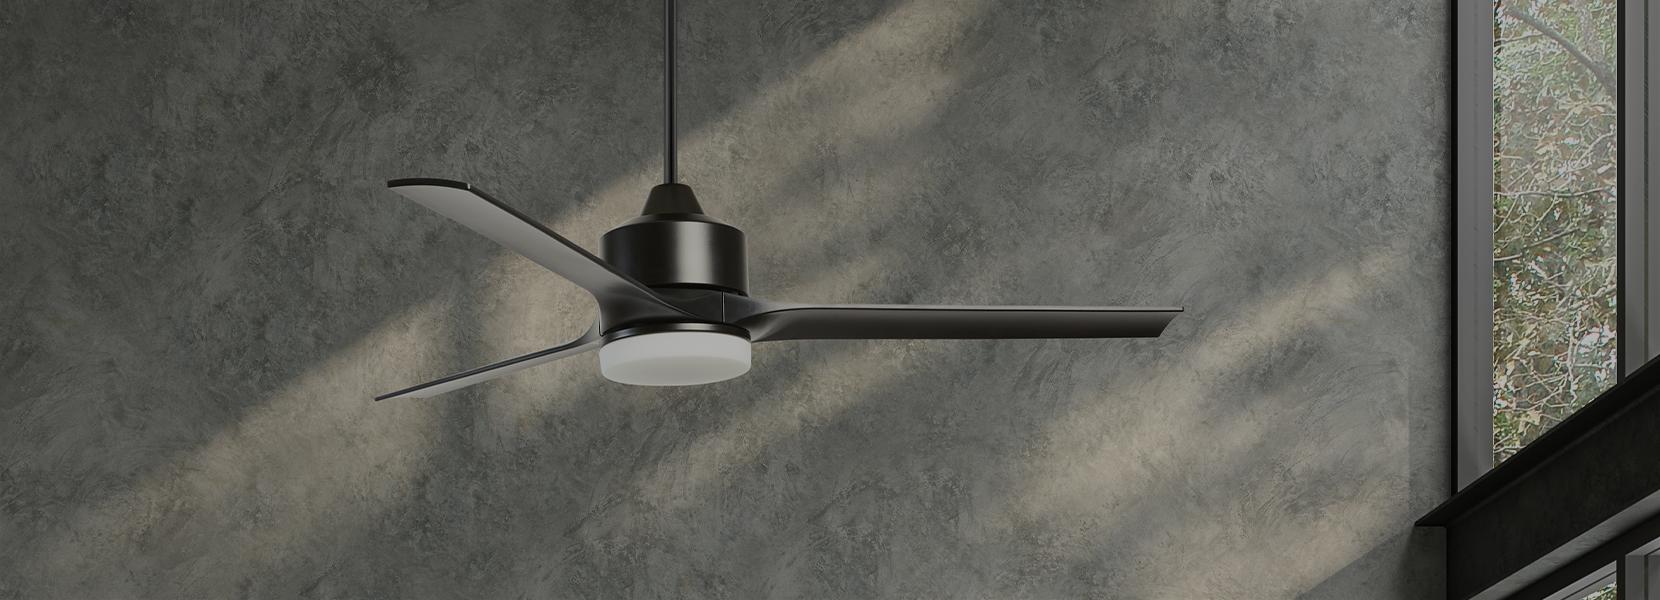 Stori Modern Verse Ceiling Fan